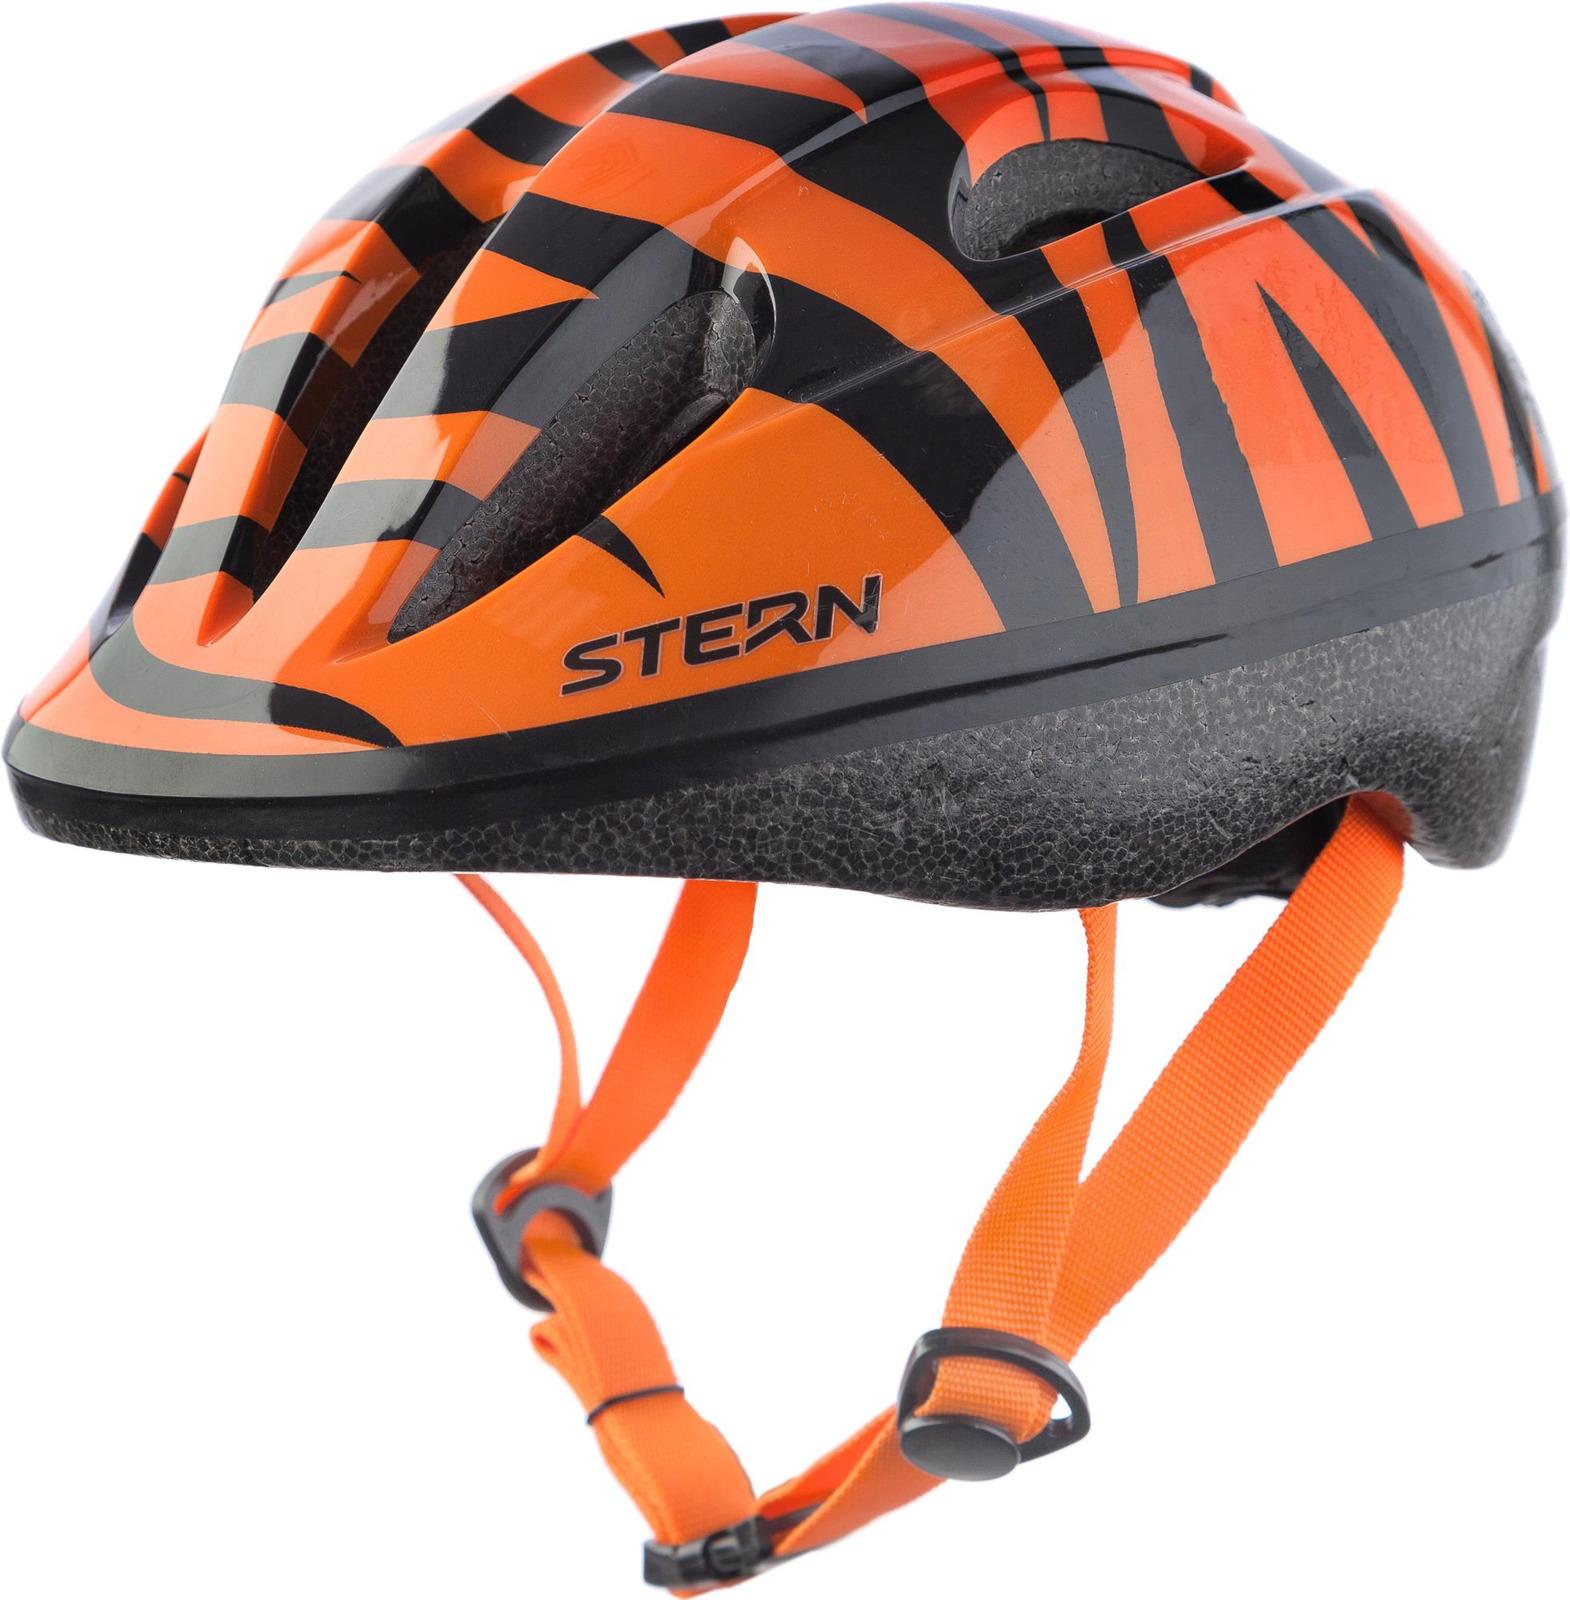 Велосипедный шлем Stern 01 helm-k1 Helmet, черный, оранжевый, размер S велосипедный шлем sahoo 2015 58 62 mtb